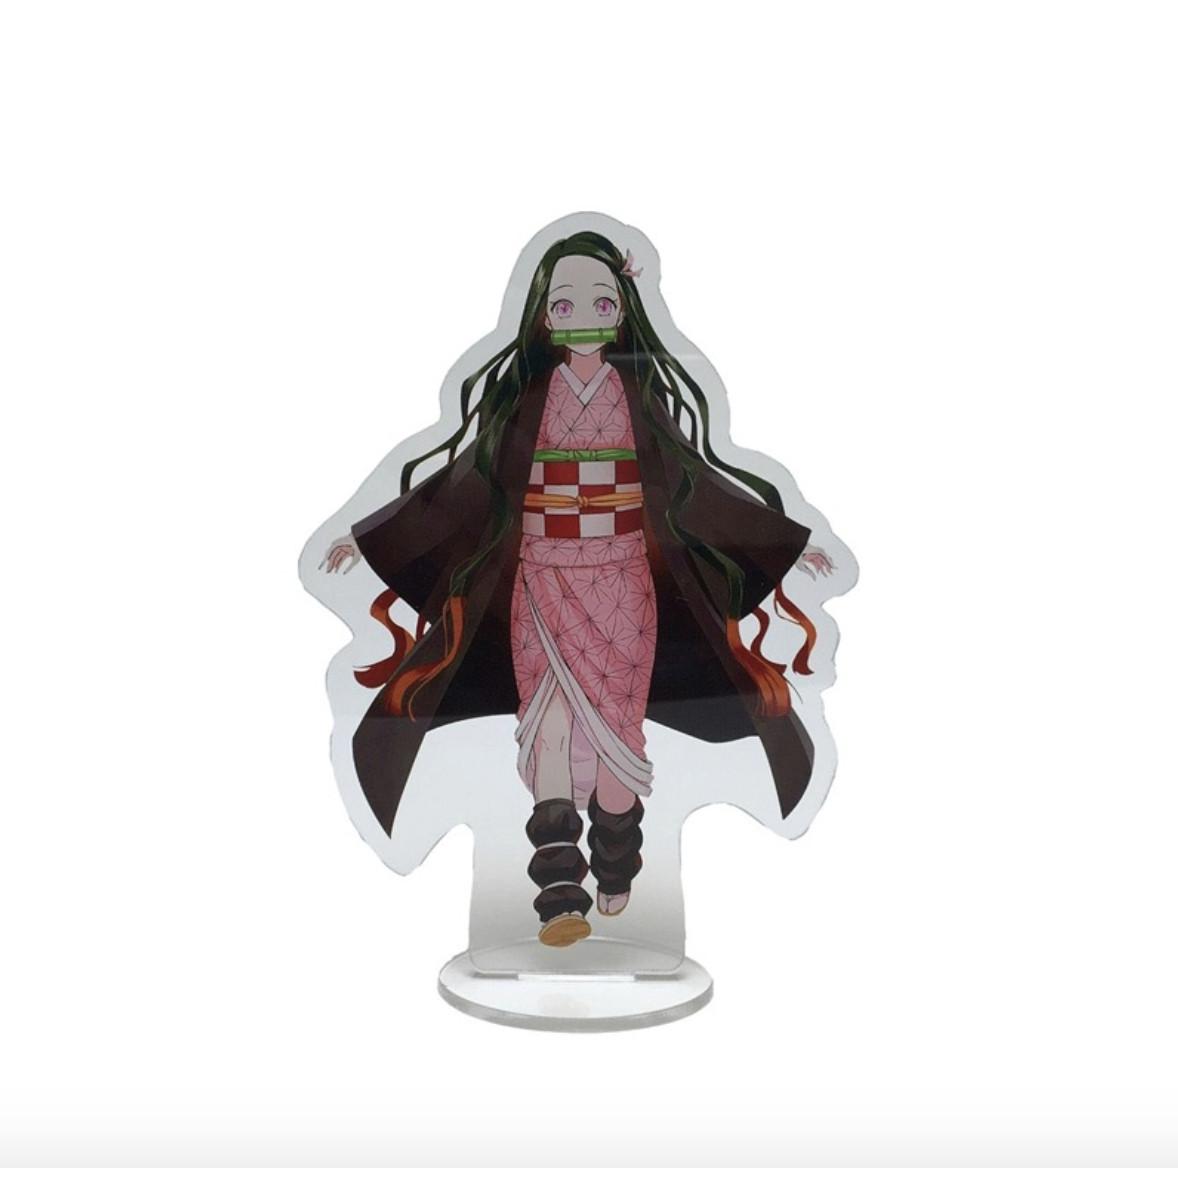 Tượng trang trí nhựa mica trong mô hình nhân vật Thanh gươm diệt quỷ 14cm (Chọn hình)